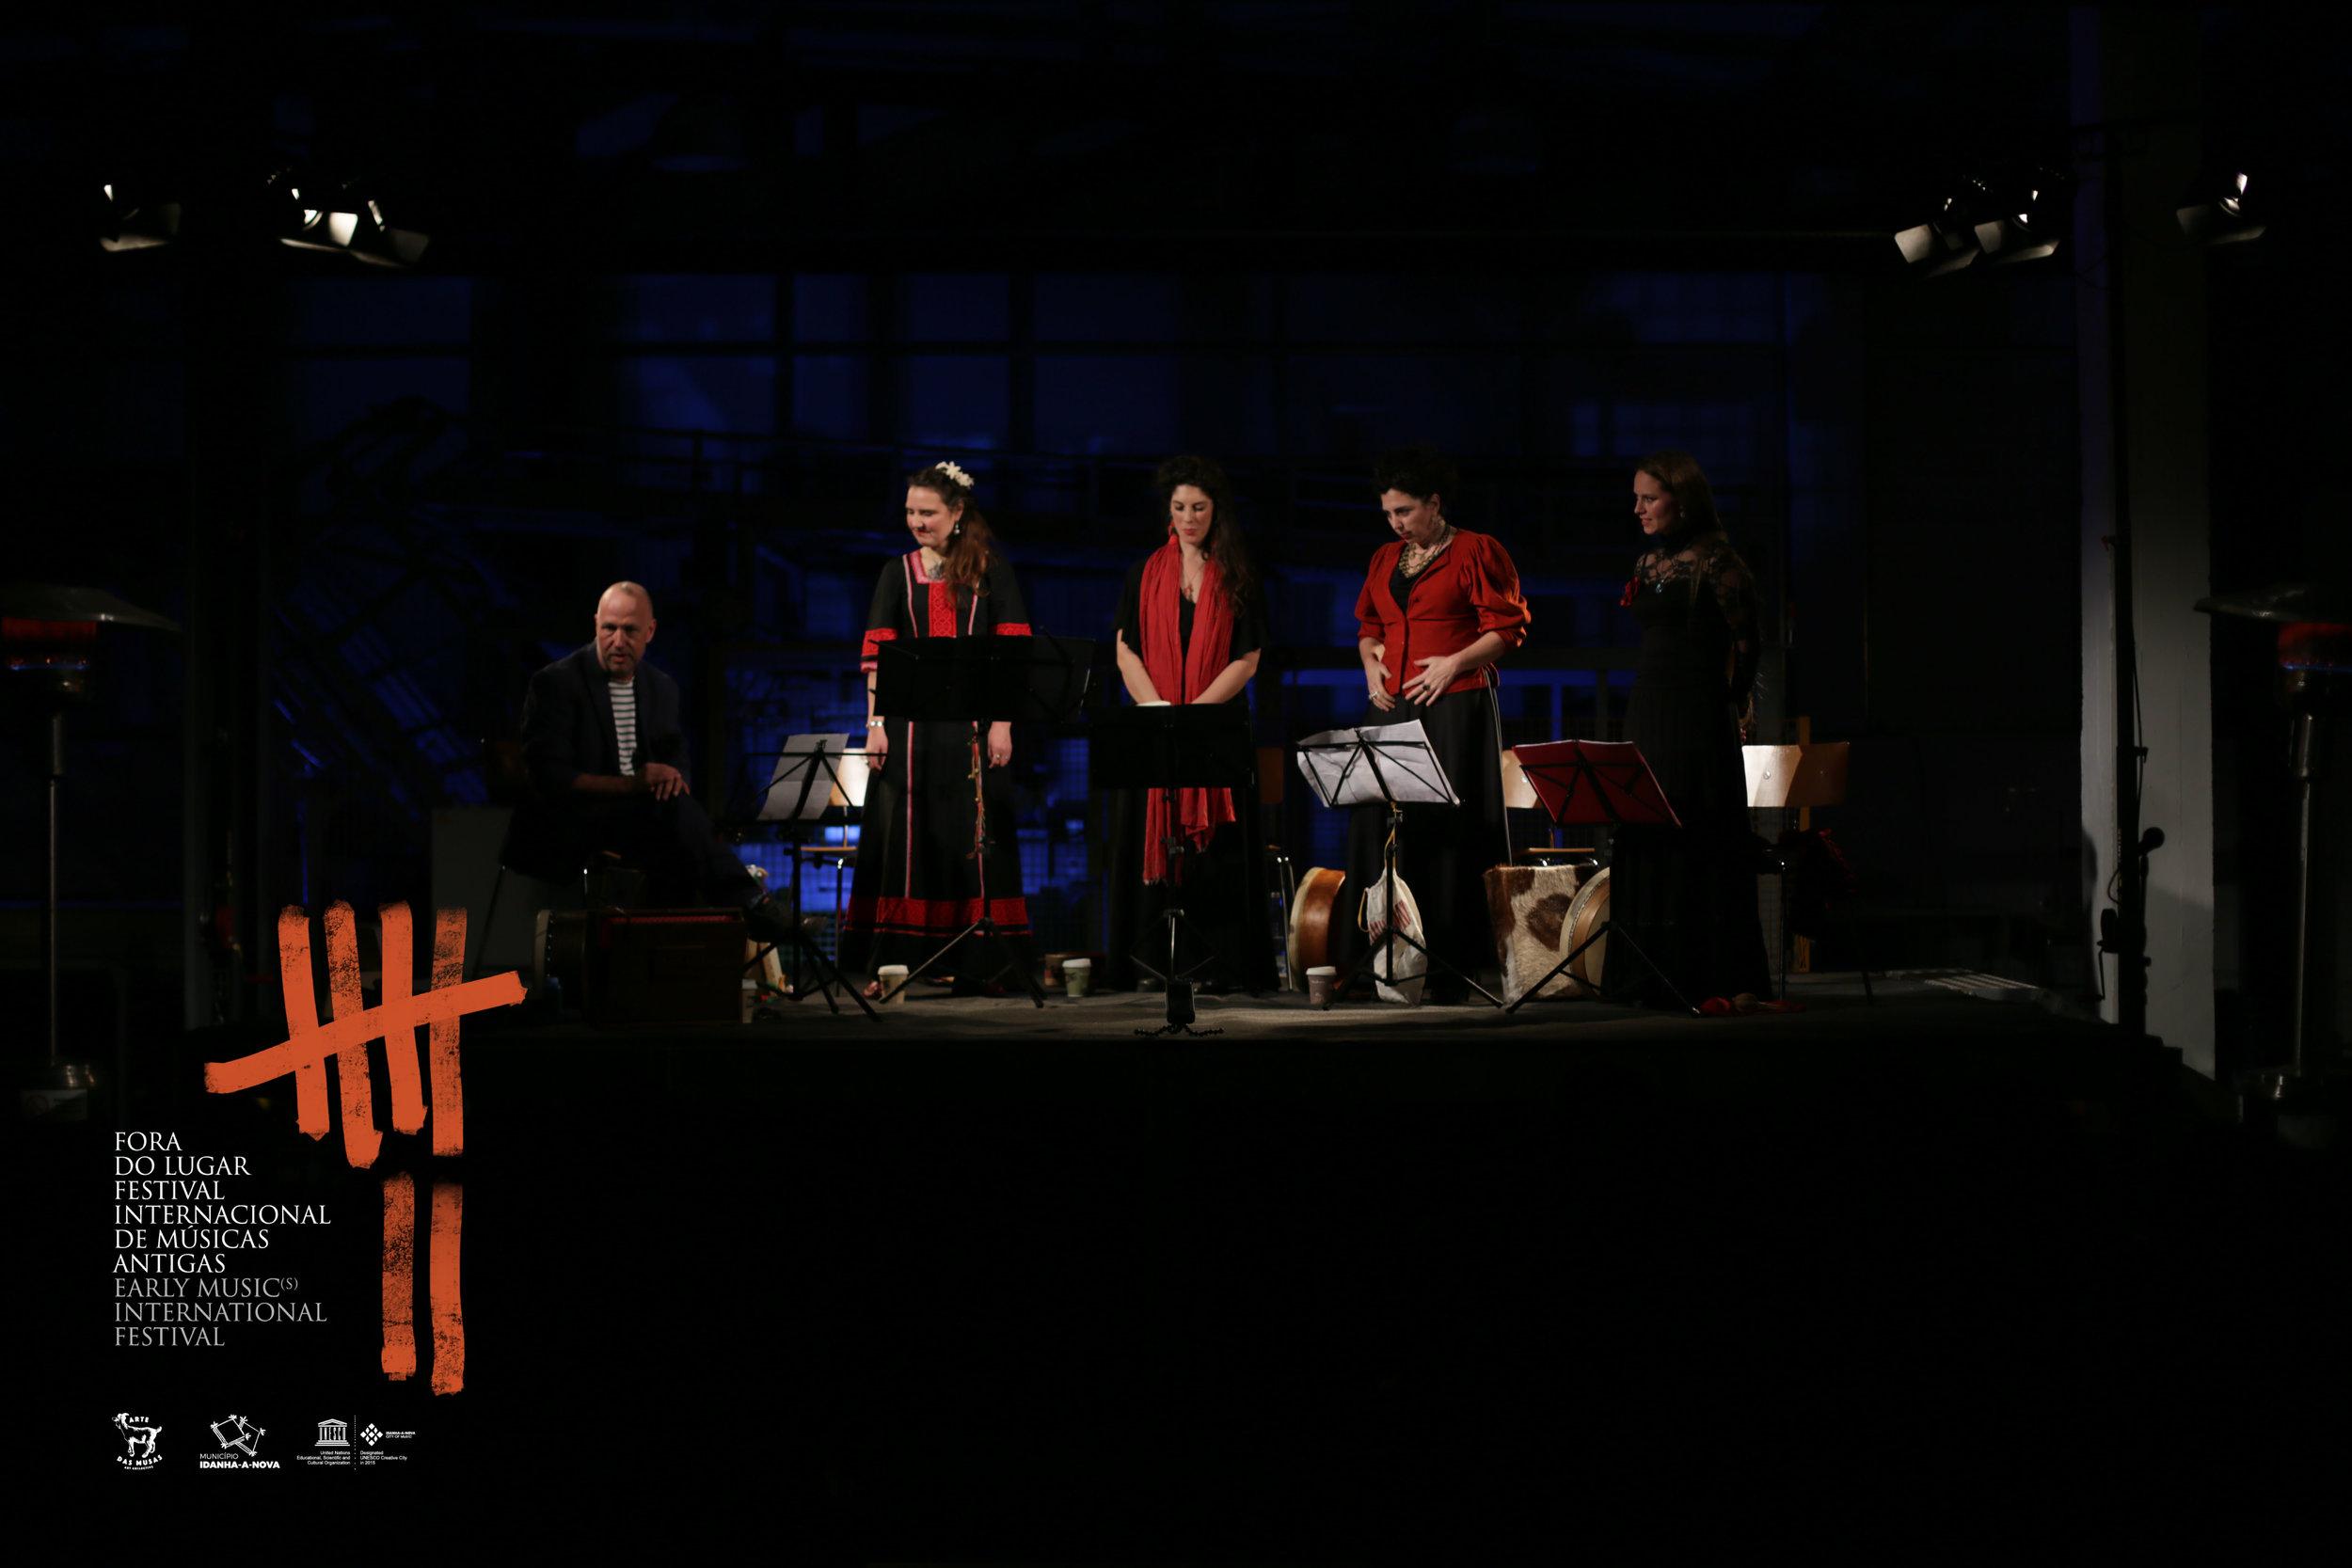 7 Festival Fora do Lugar 2018  -8635.jpg